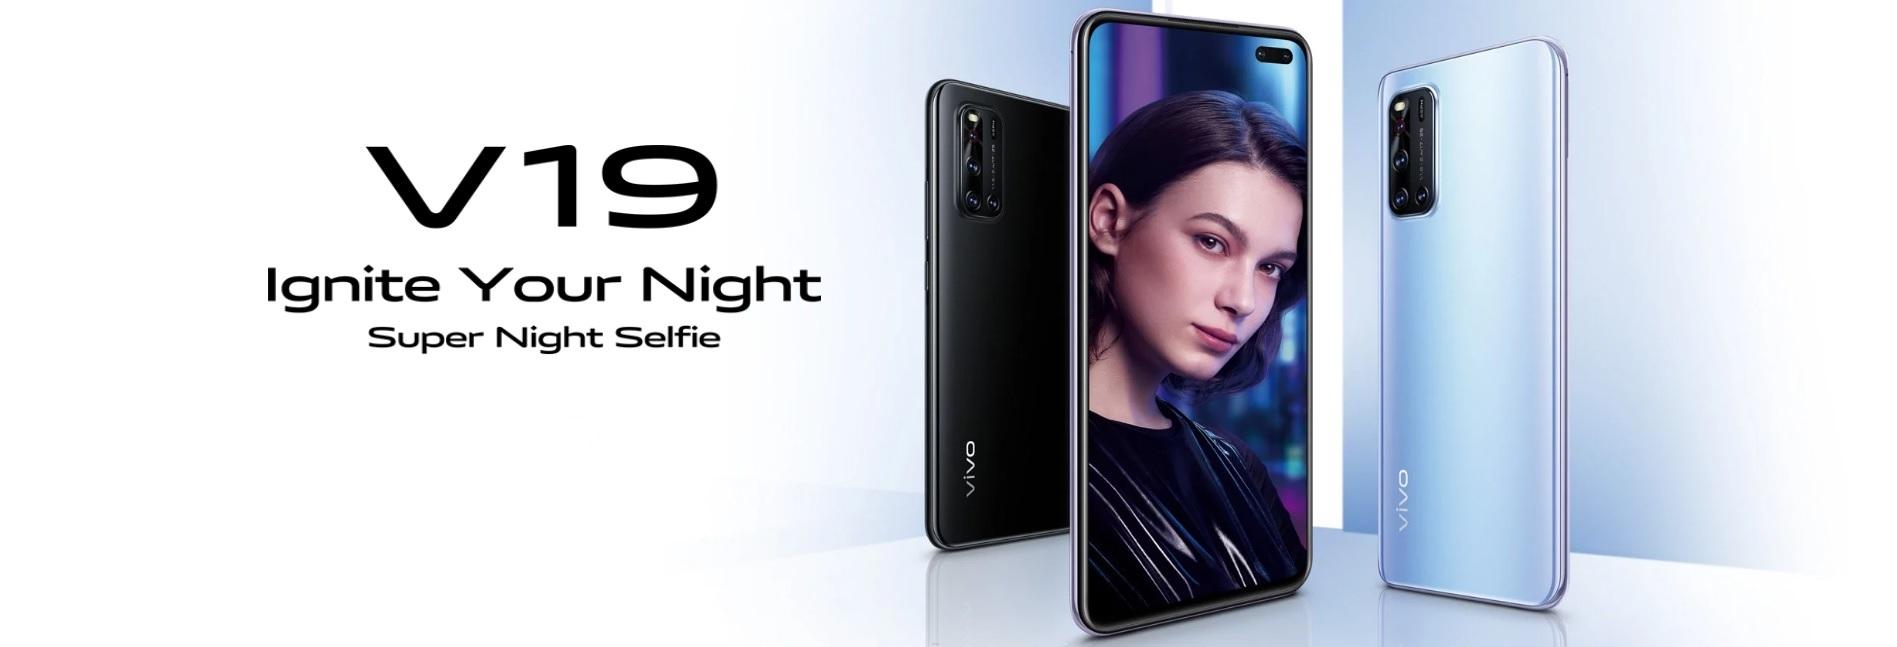 Nowego Vivo V19 na pierwszy rzut oka można pomylić z Huawei P40 25